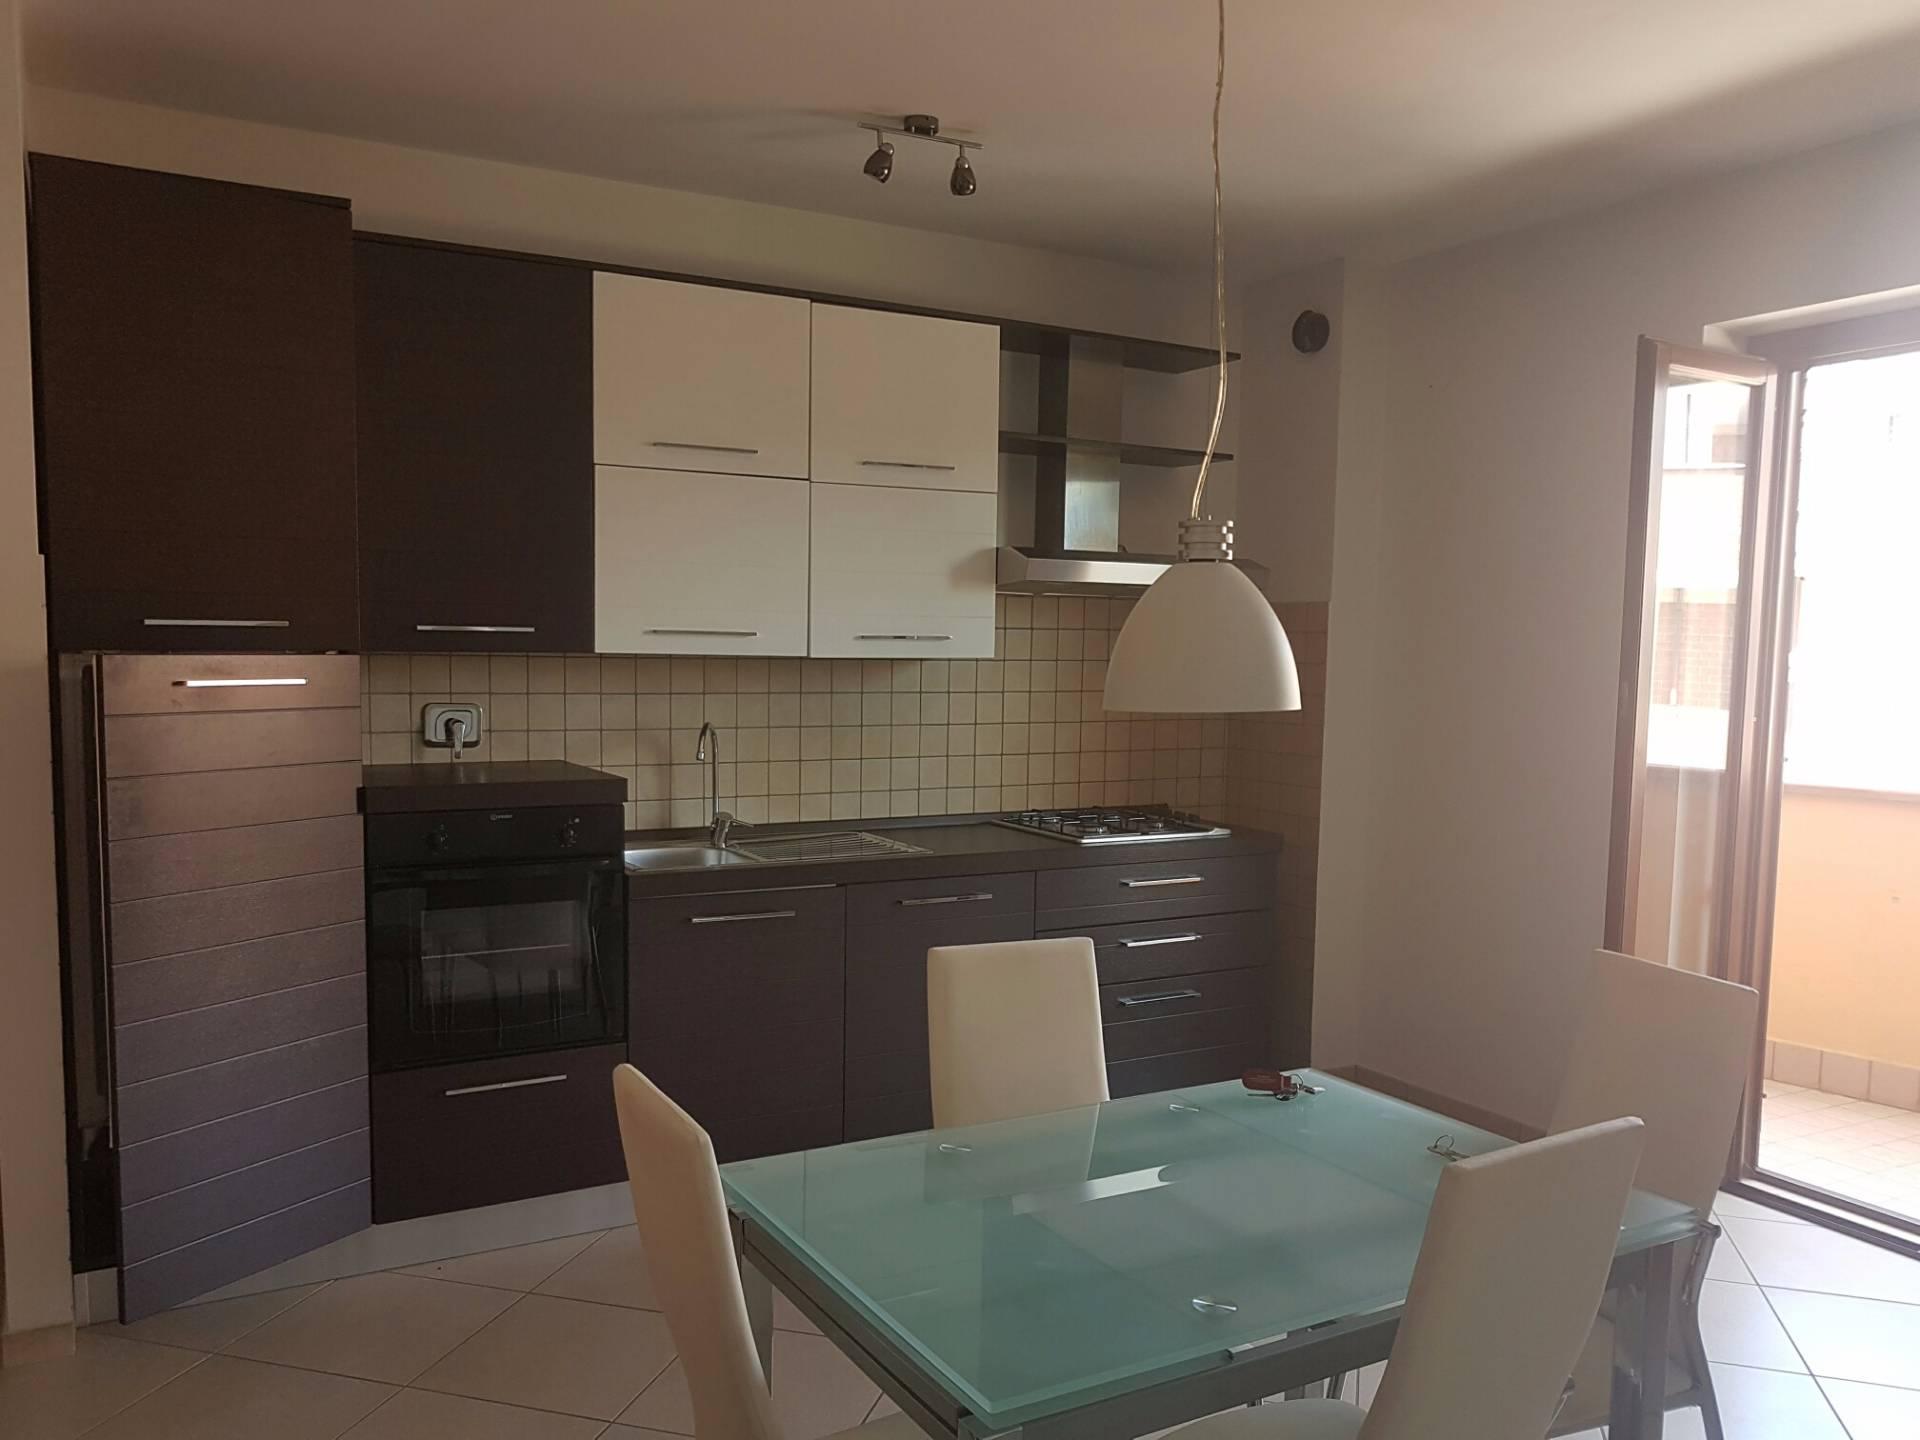 Appartamento in affitto a Tivoli, 2 locali, zona Località: Campolimpido, prezzo € 500 | CambioCasa.it